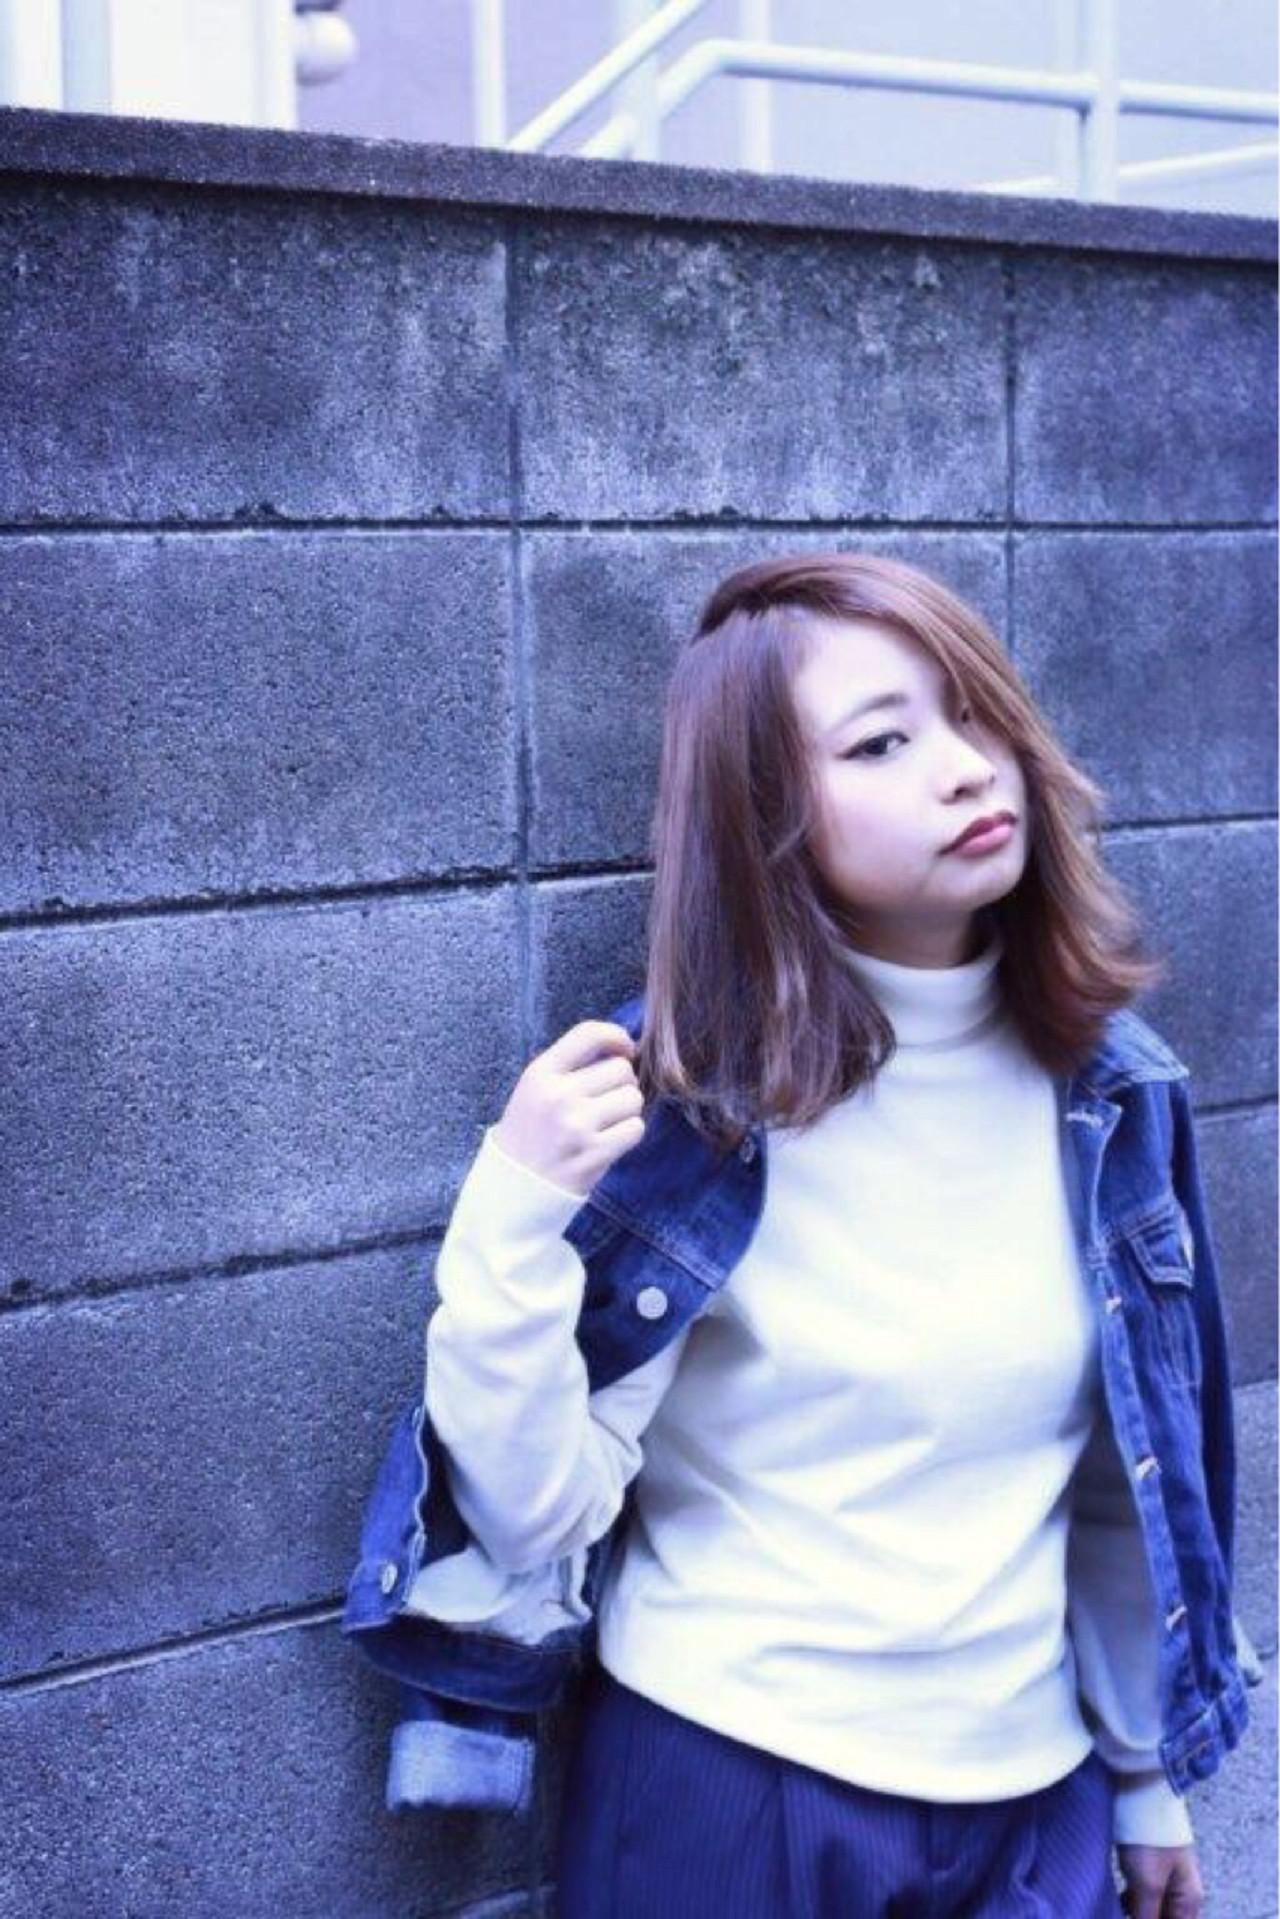 ミディアム ショート モード 簡単ヘアアレンジ ヘアスタイルや髪型の写真・画像